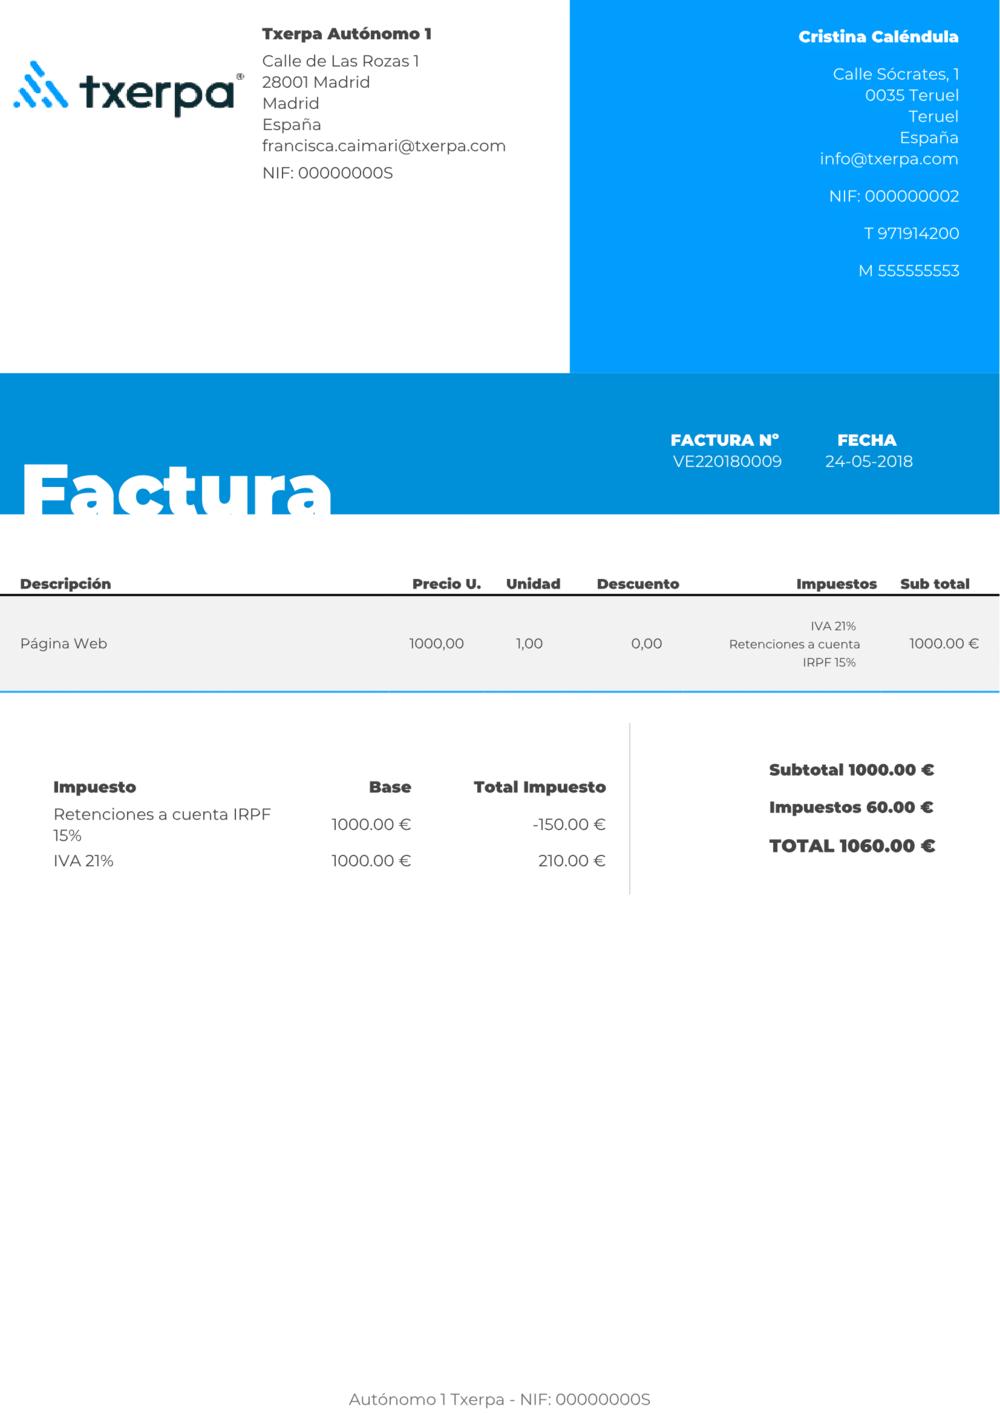 modelo_factura_venta_txerpa-1.png